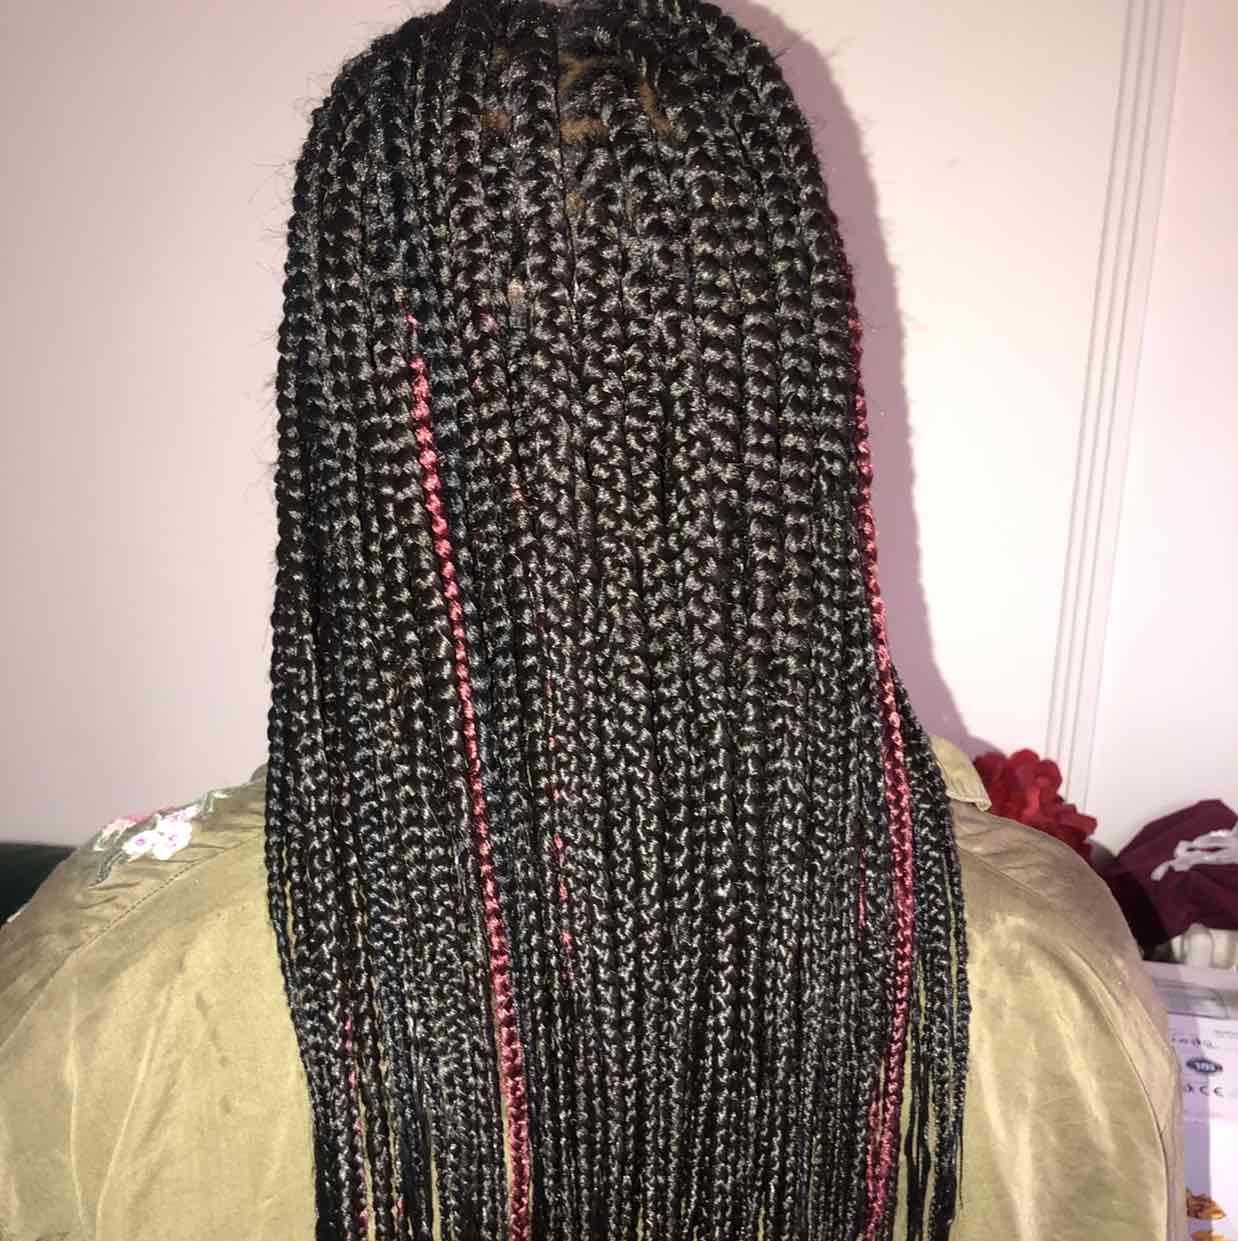 salon de coiffure afro tresse tresses box braids crochet braids vanilles tissages paris 75 77 78 91 92 93 94 95 TBRGIVYU